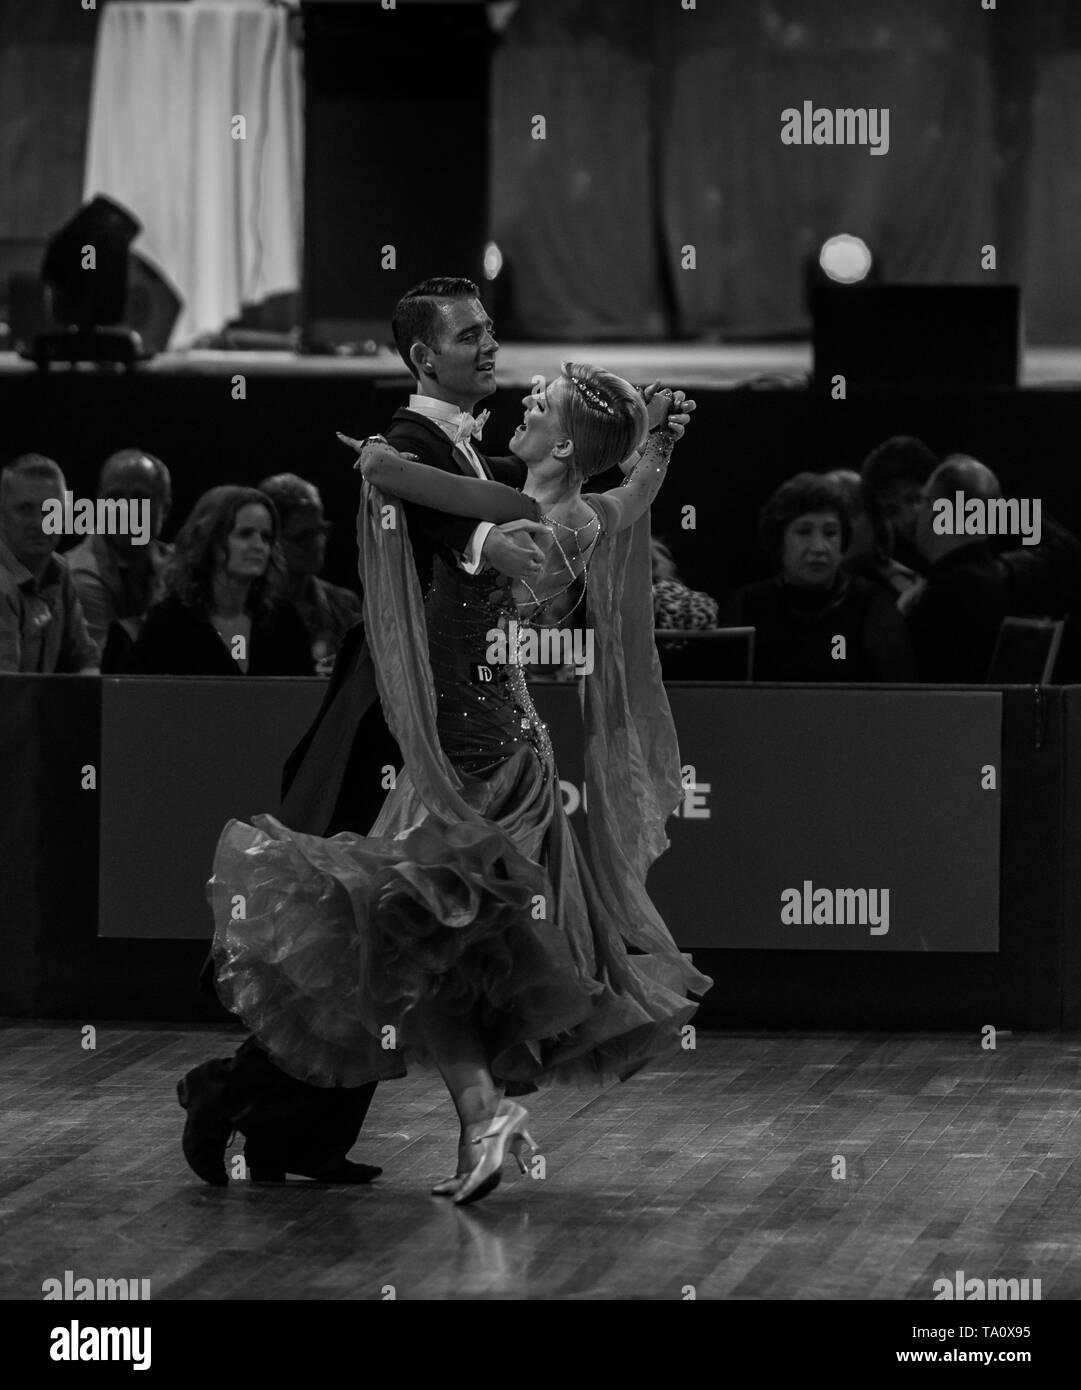 Danza Sportiva campionato: Standard di ballo da sala concorrenti. Australian Danza Sportiva Campionato 2018 - Arena di Melbourne. Immagini Stock